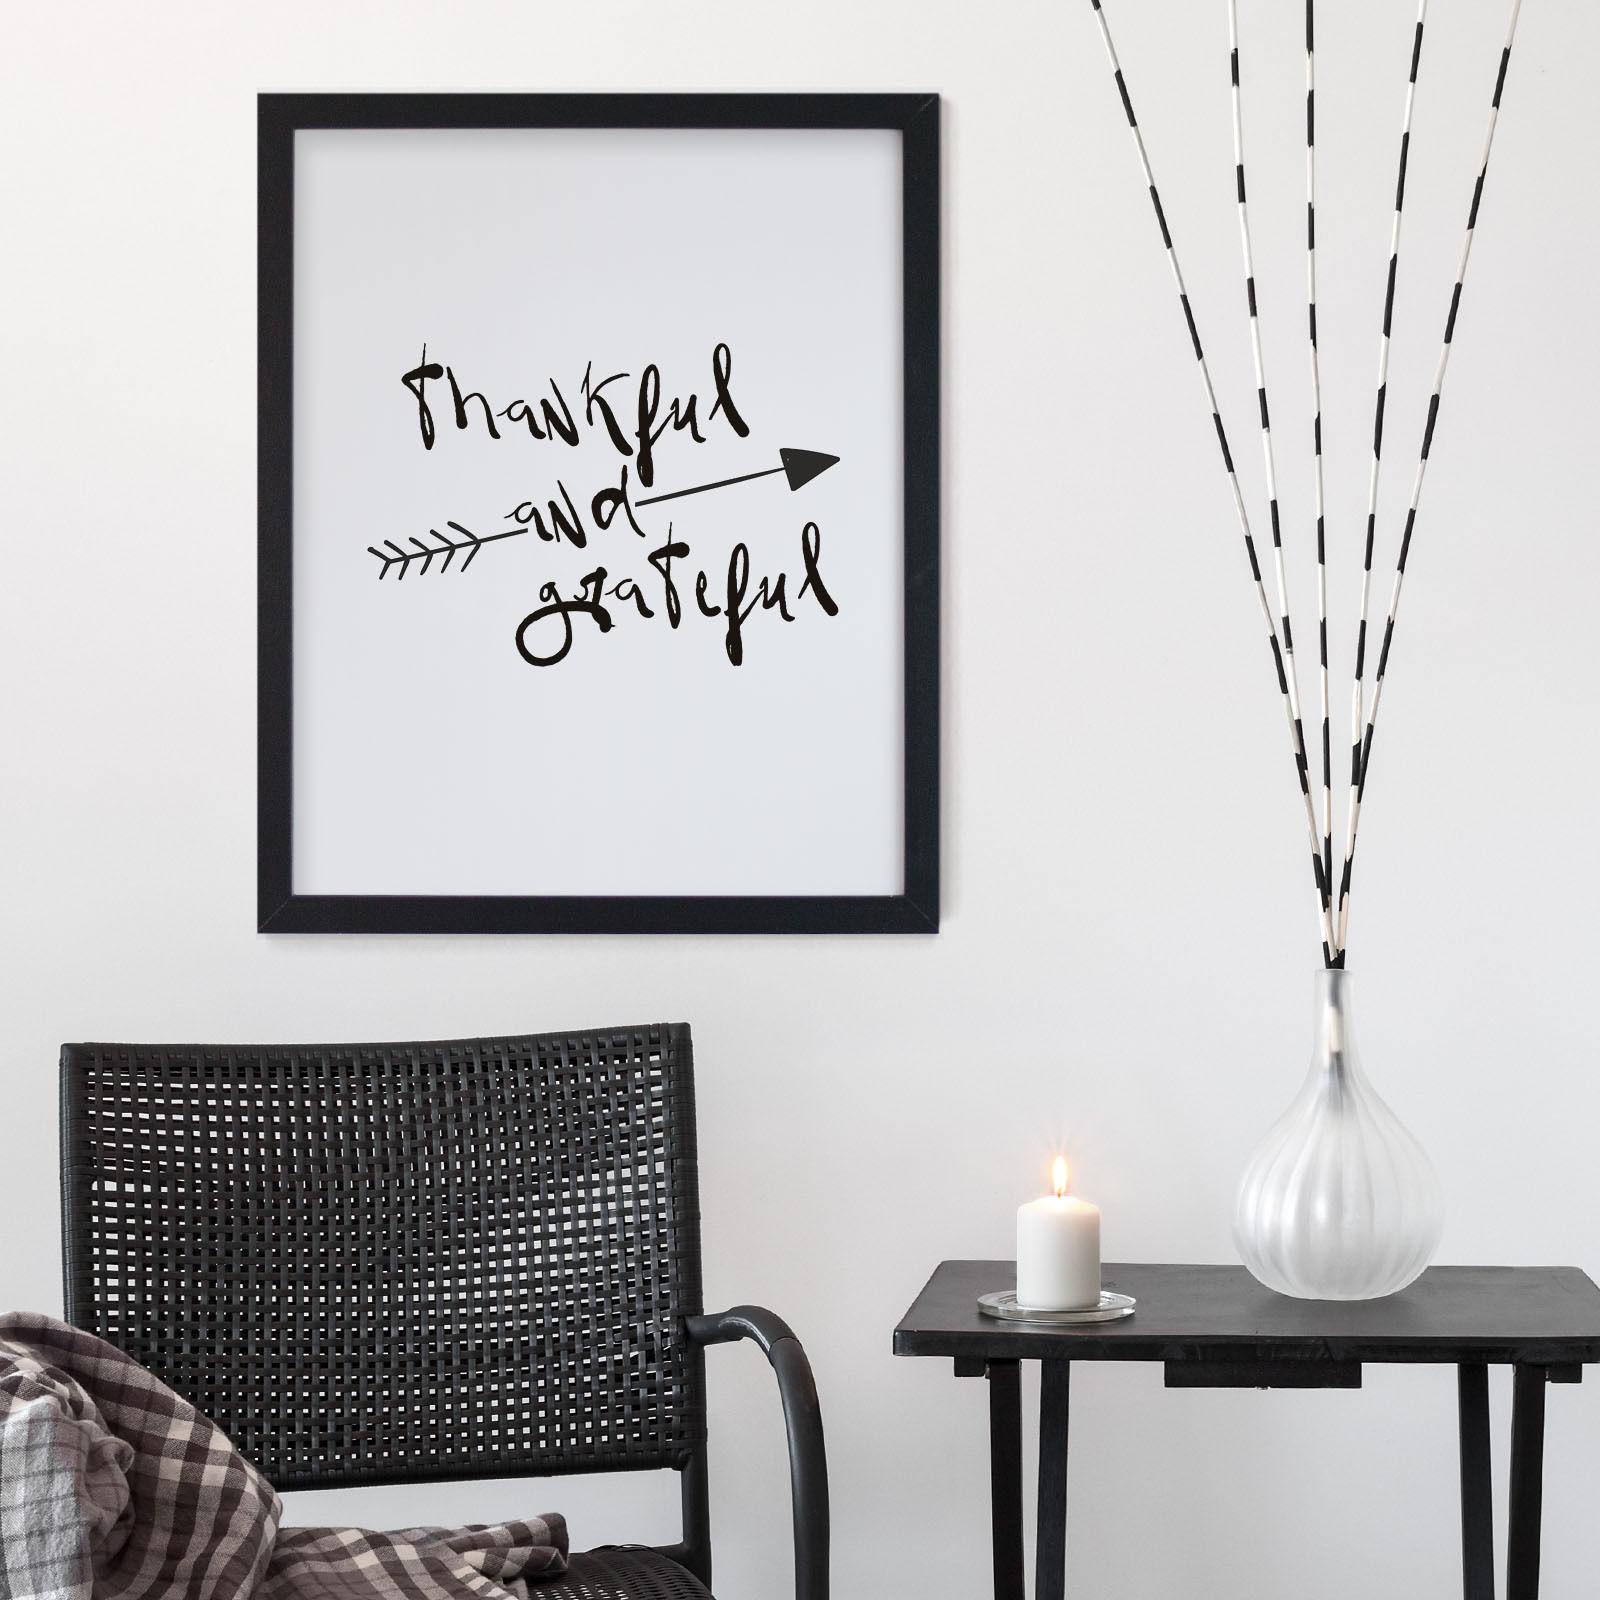 bild bilder mit spr chen rahmen dankbar wei und schwarz poster geschenk ebay